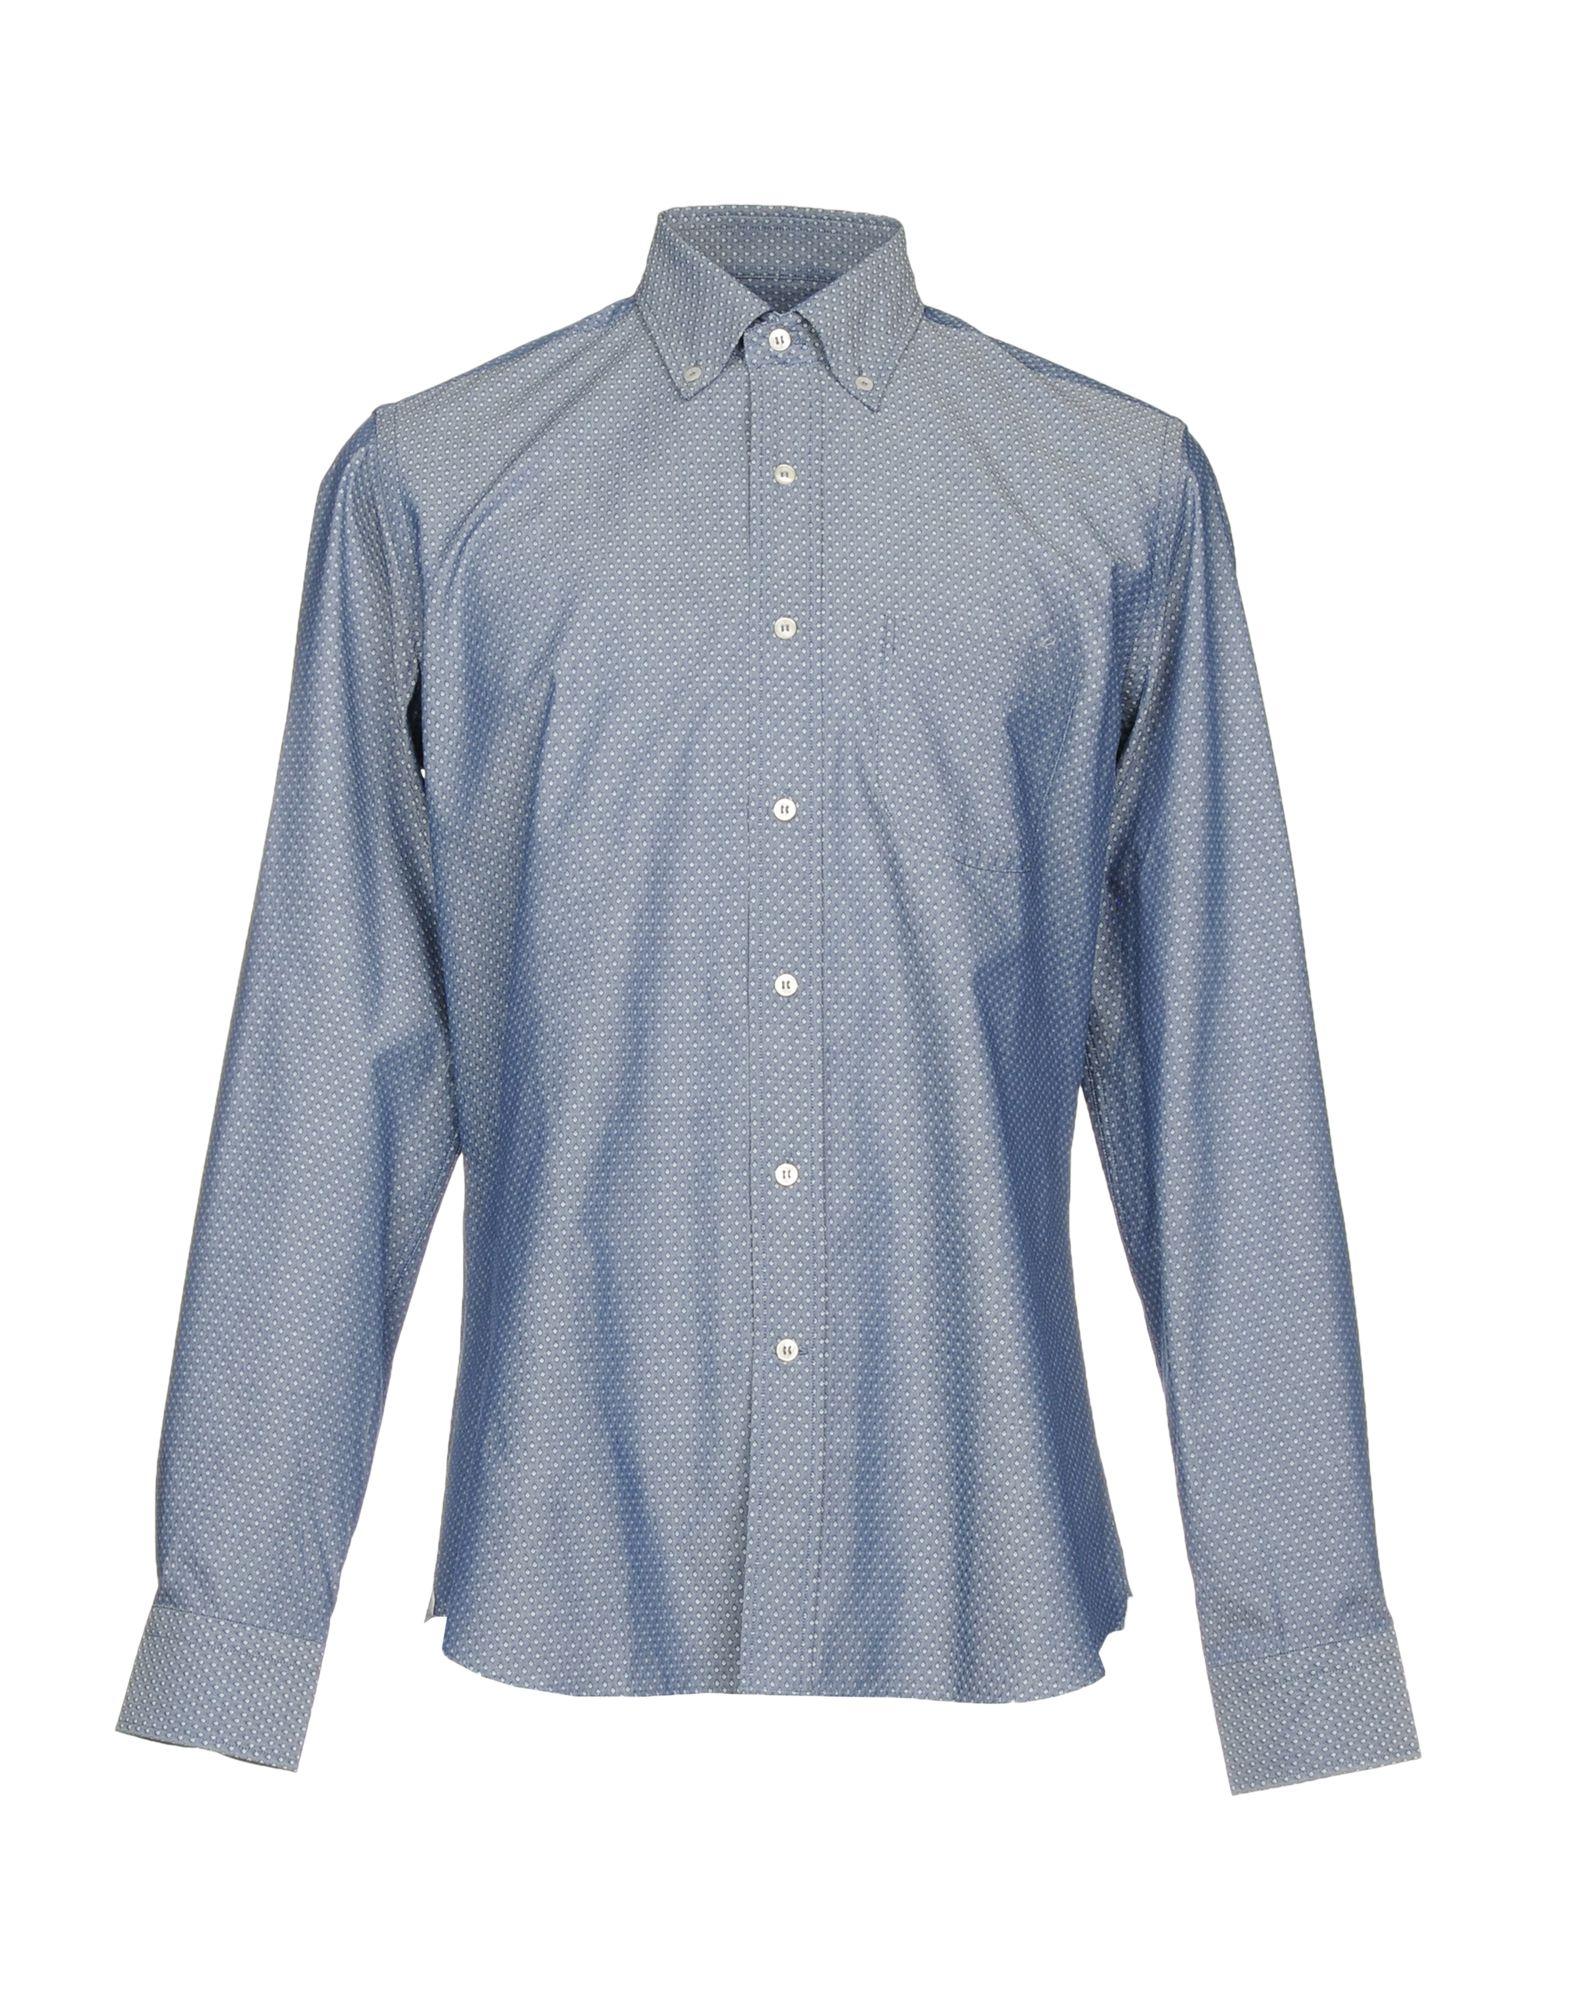 Camicia Jeans Alea Uomo - 42651117EF 42651117EF - ccf6ba